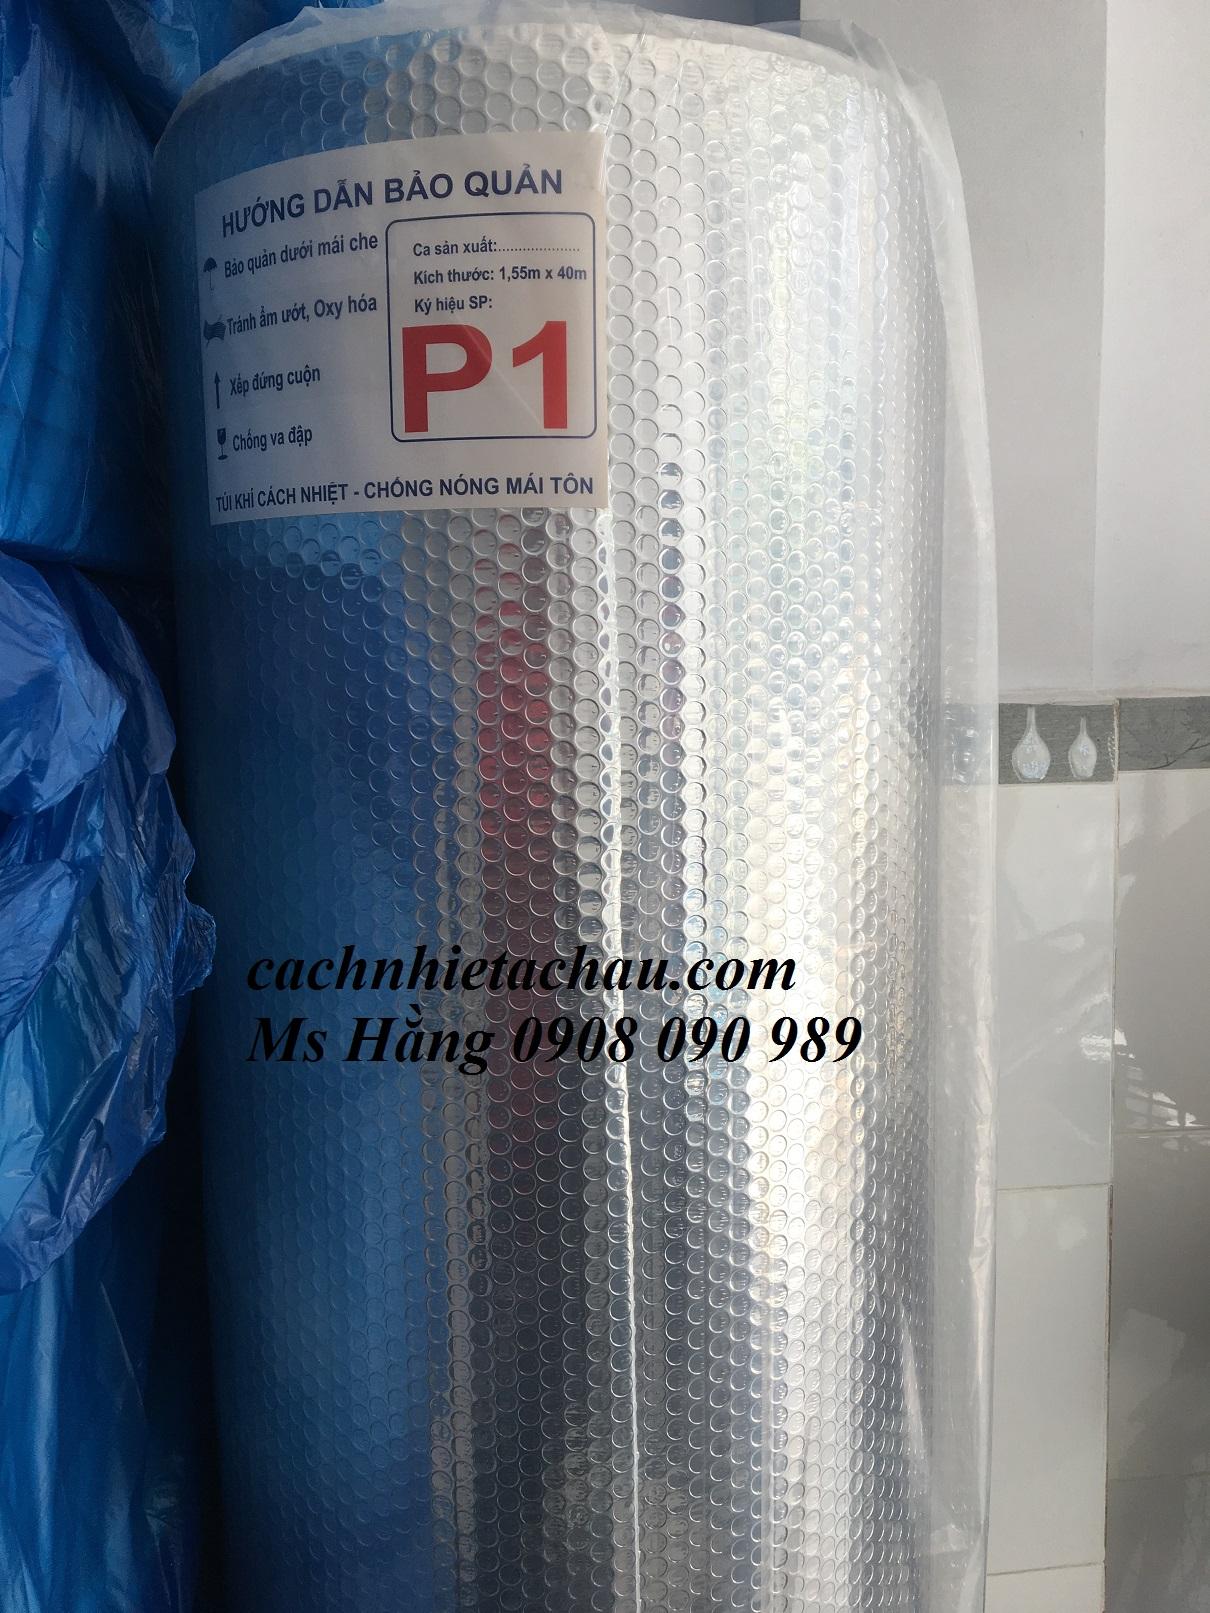 Túi khí cách nhiệt, chống nóng, chống oxi hoá